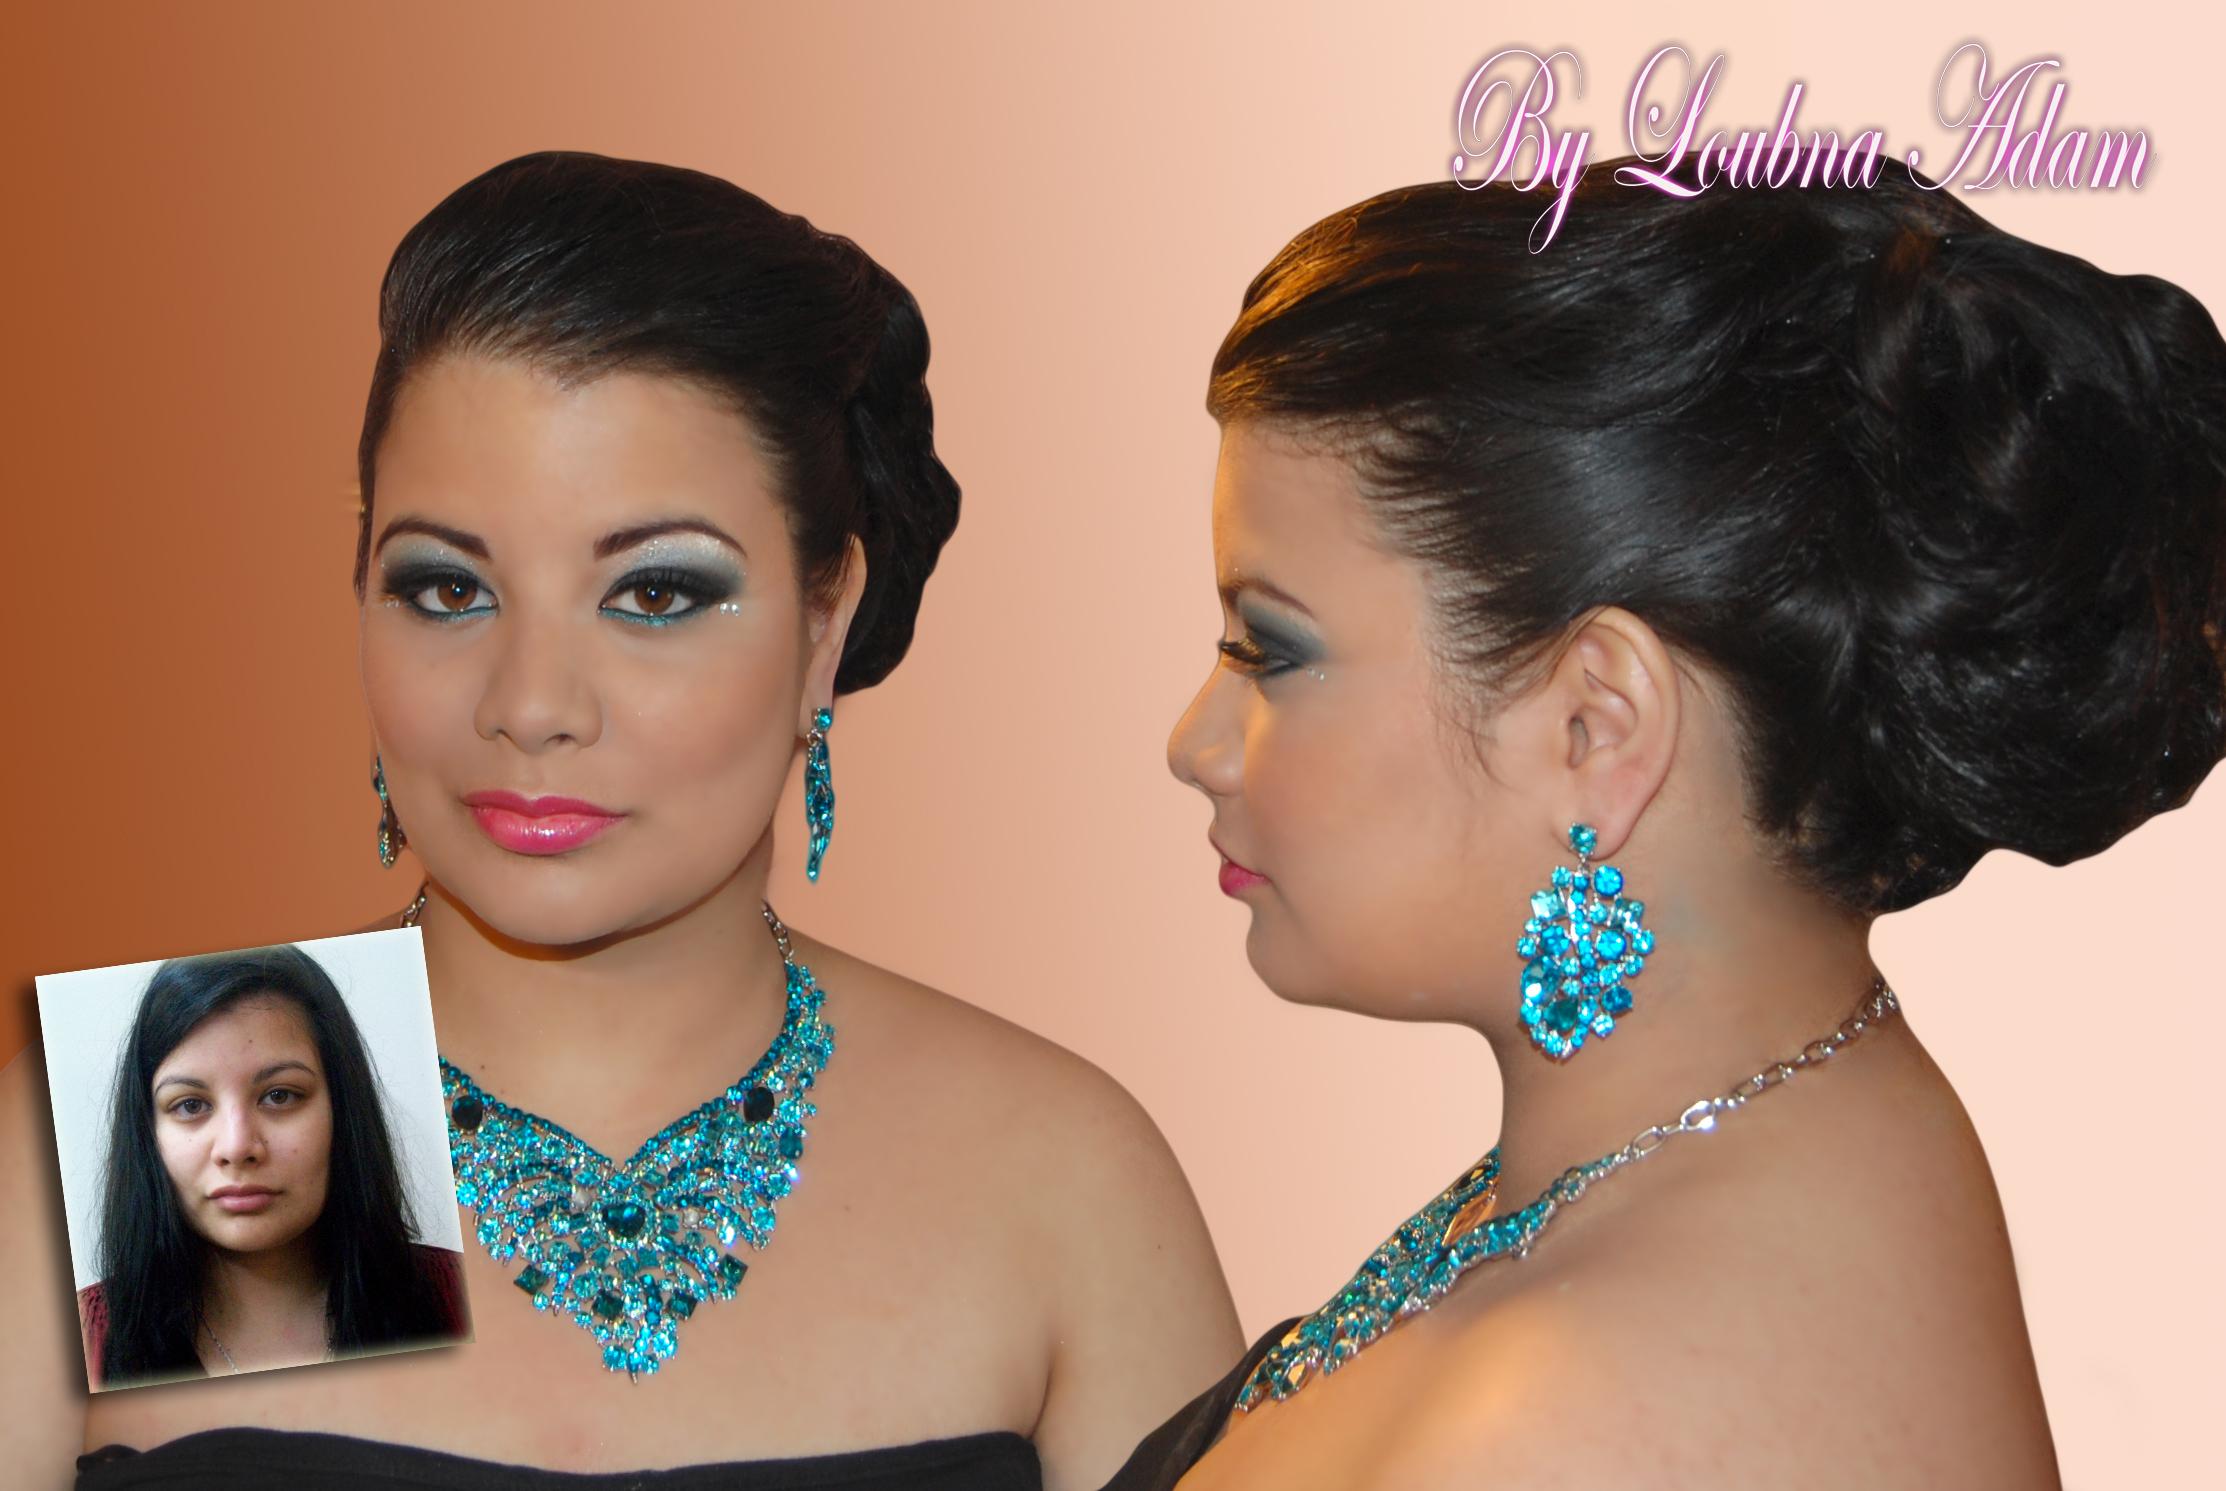 Top Maquillage Libanais | Maquillage Chignon et accessoires WL82